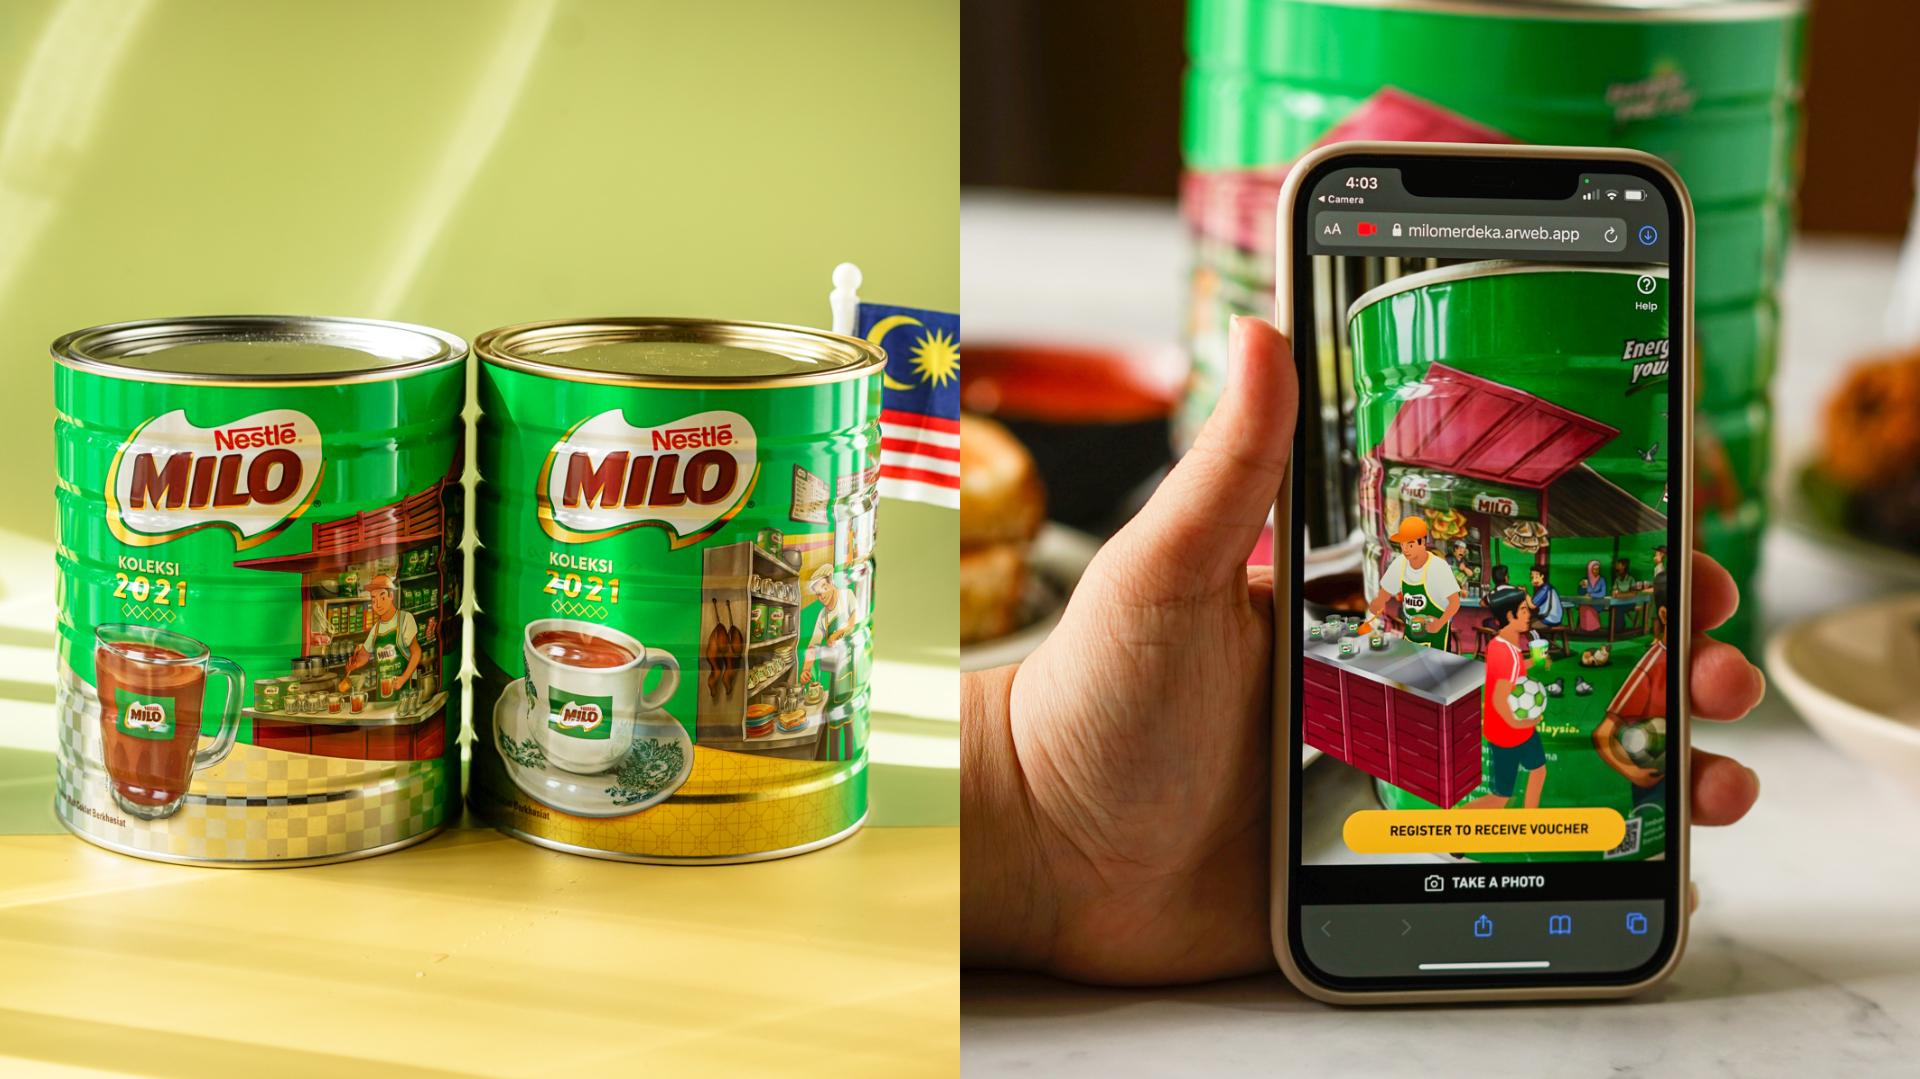 MILO与Loka Made携手推出2021年纪念版1.5公斤装铁罐系列。-MILO提供-